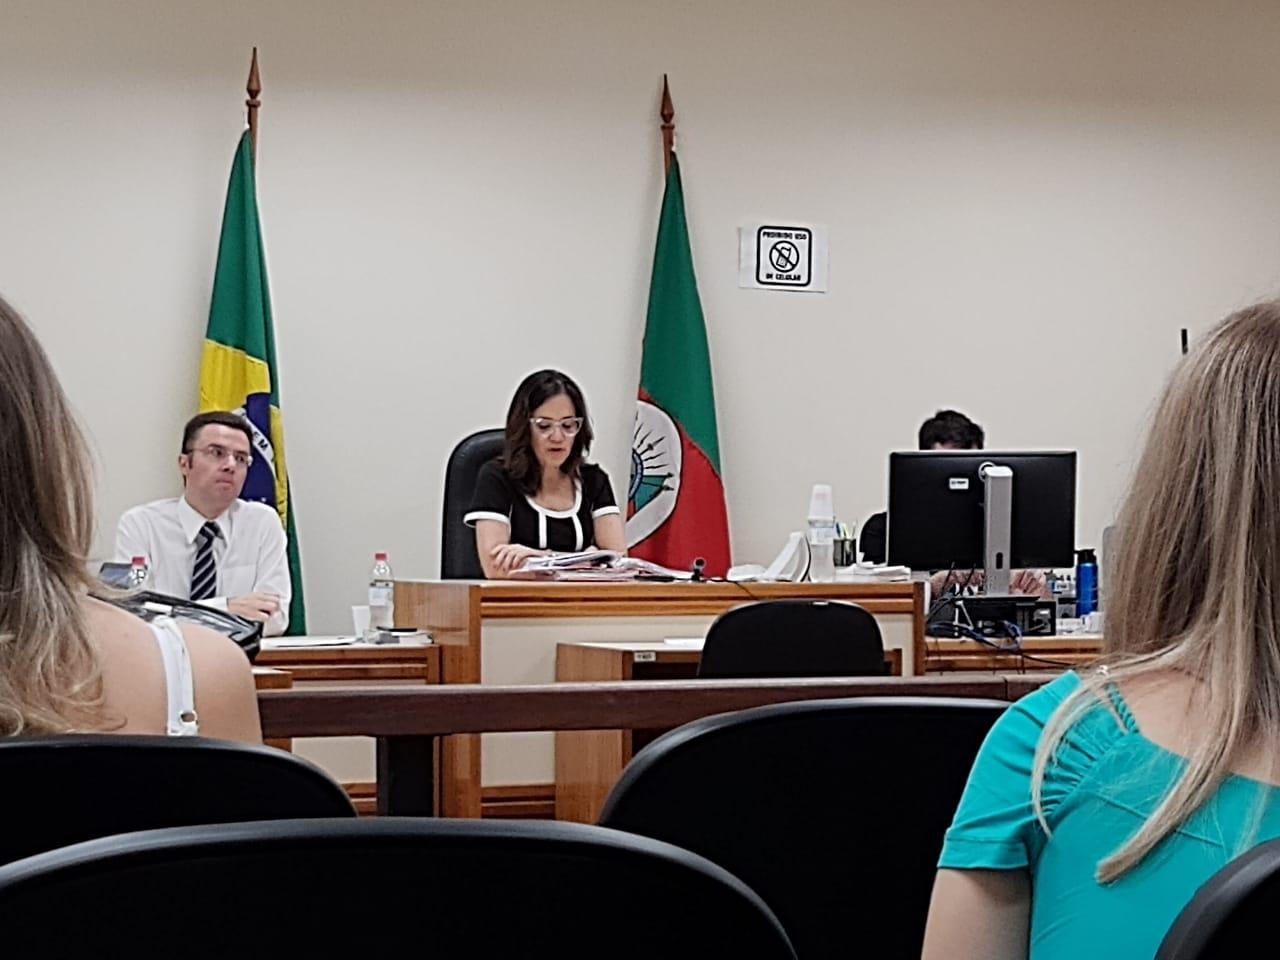 Acusado de homicídio é absolvido em julgamento realizado em Bento